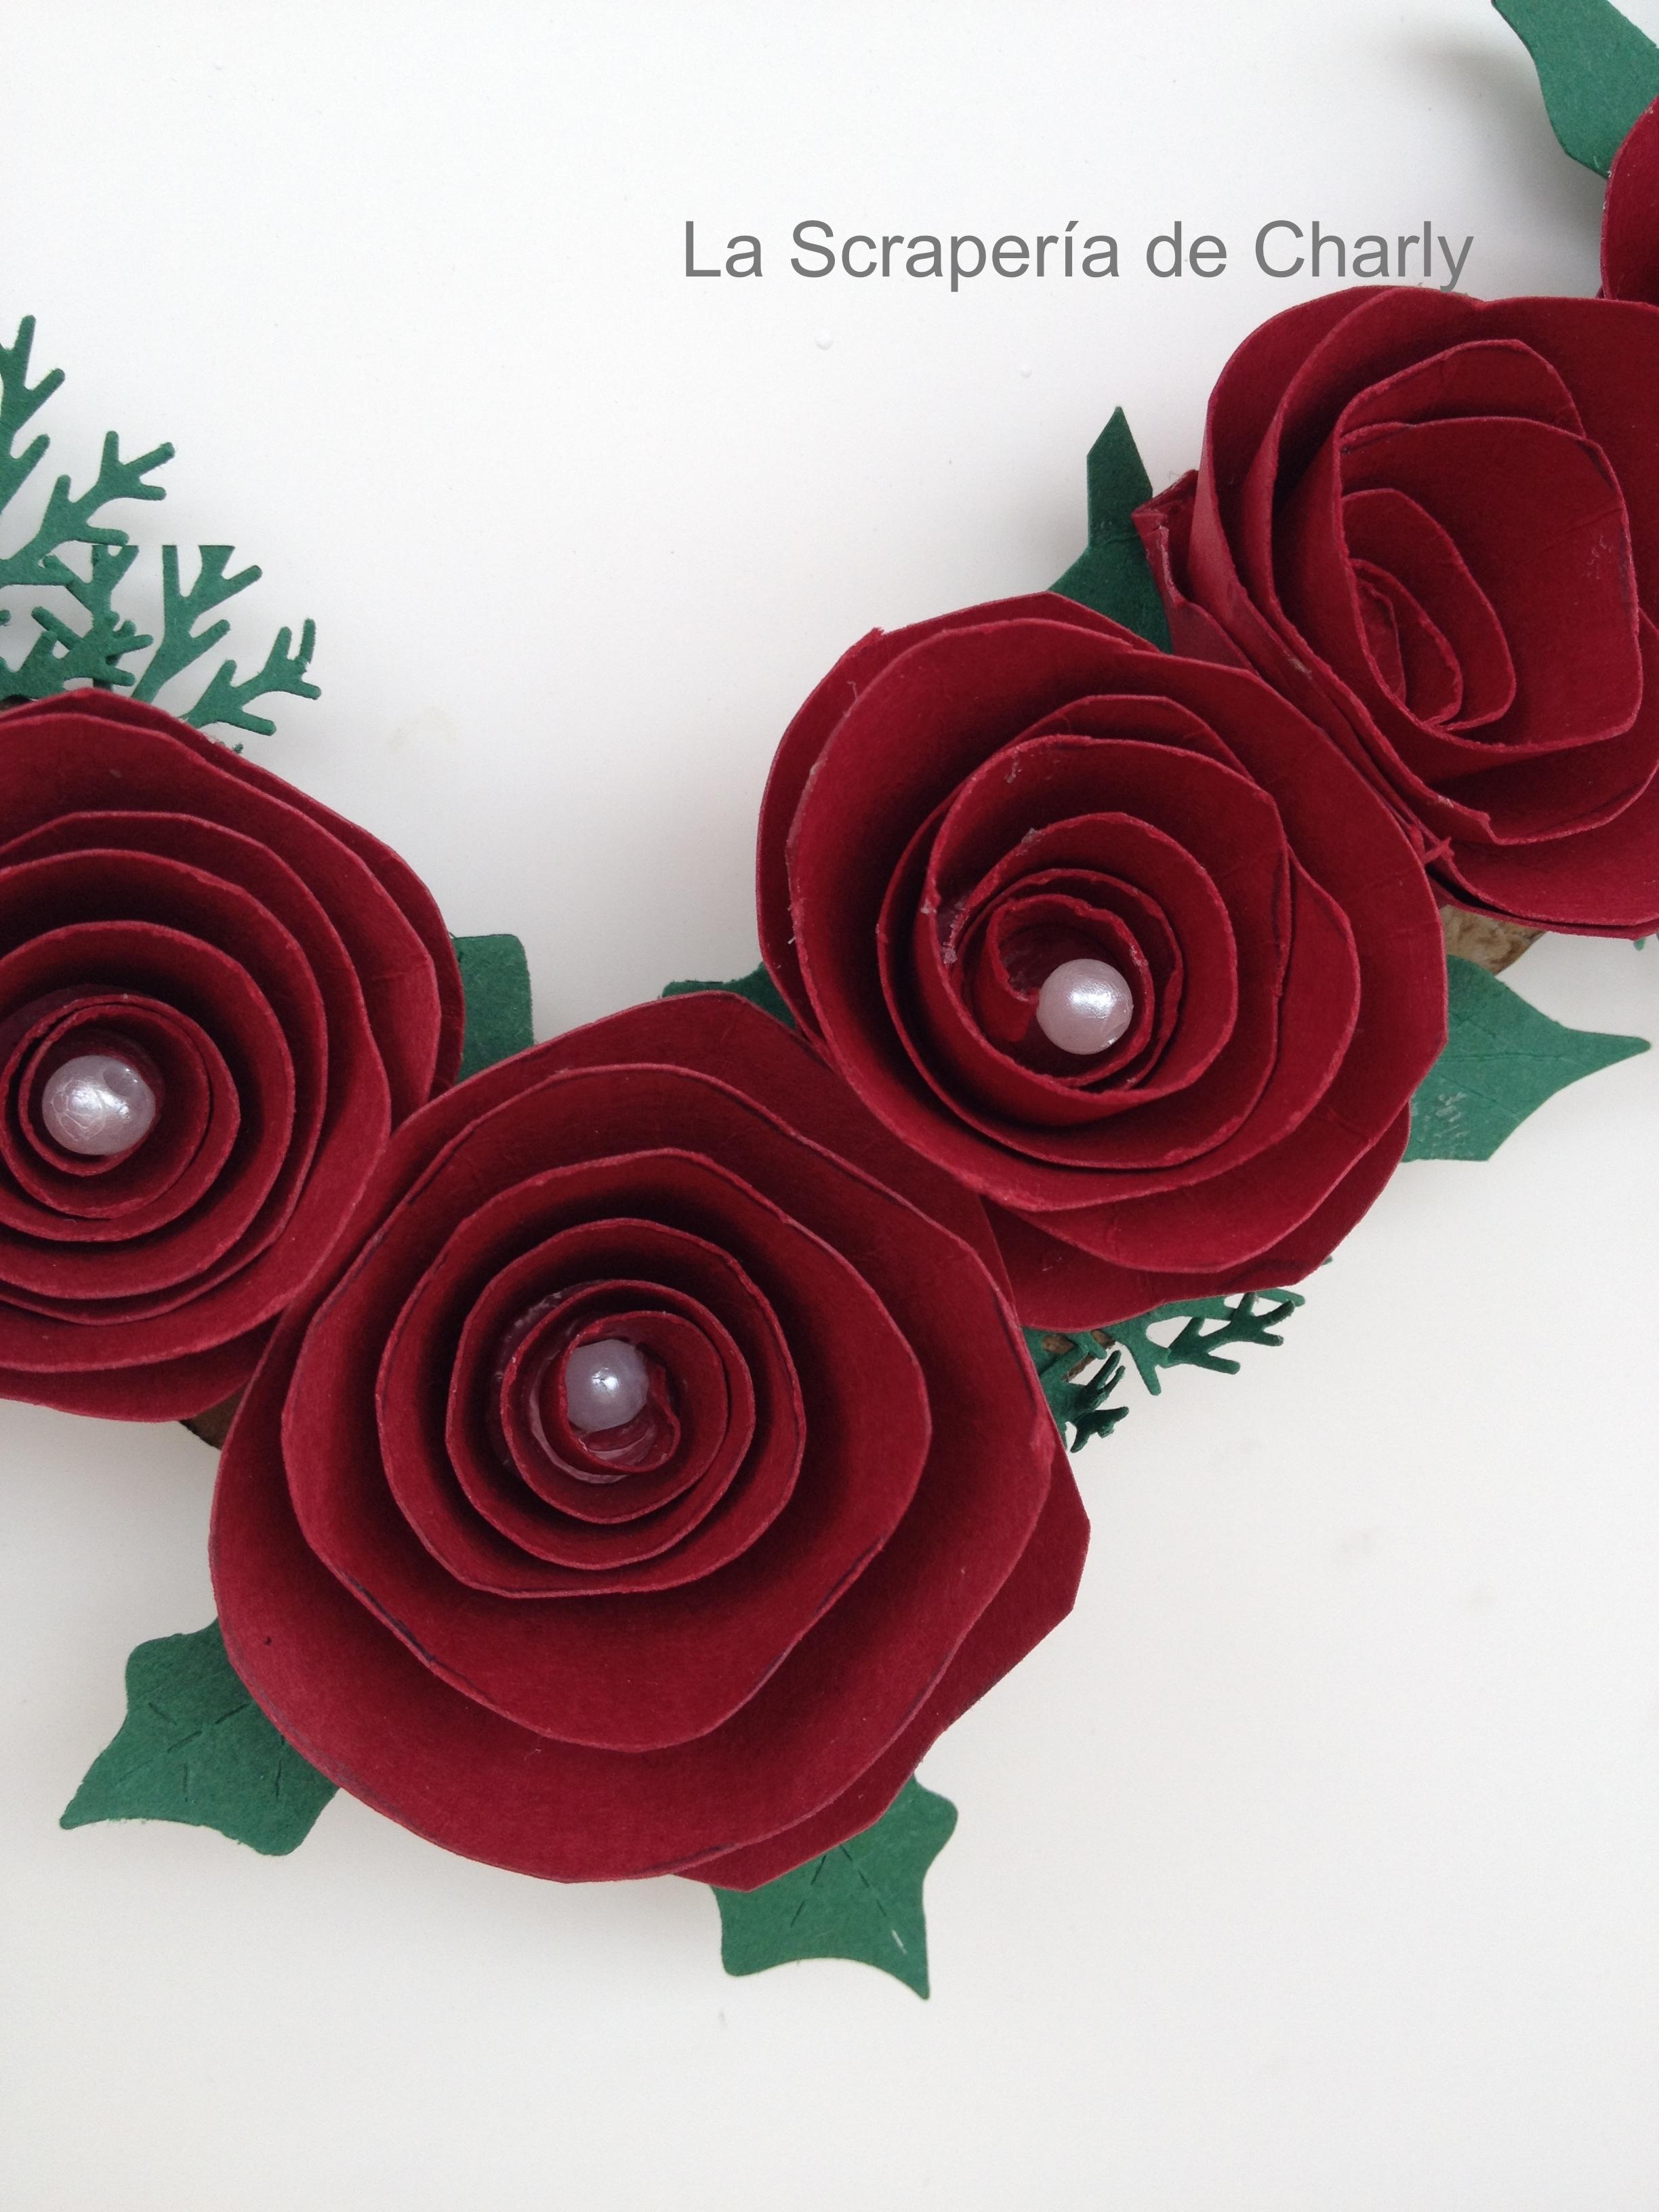 Feliz San Valentín! – SC La Scrapería de Charly